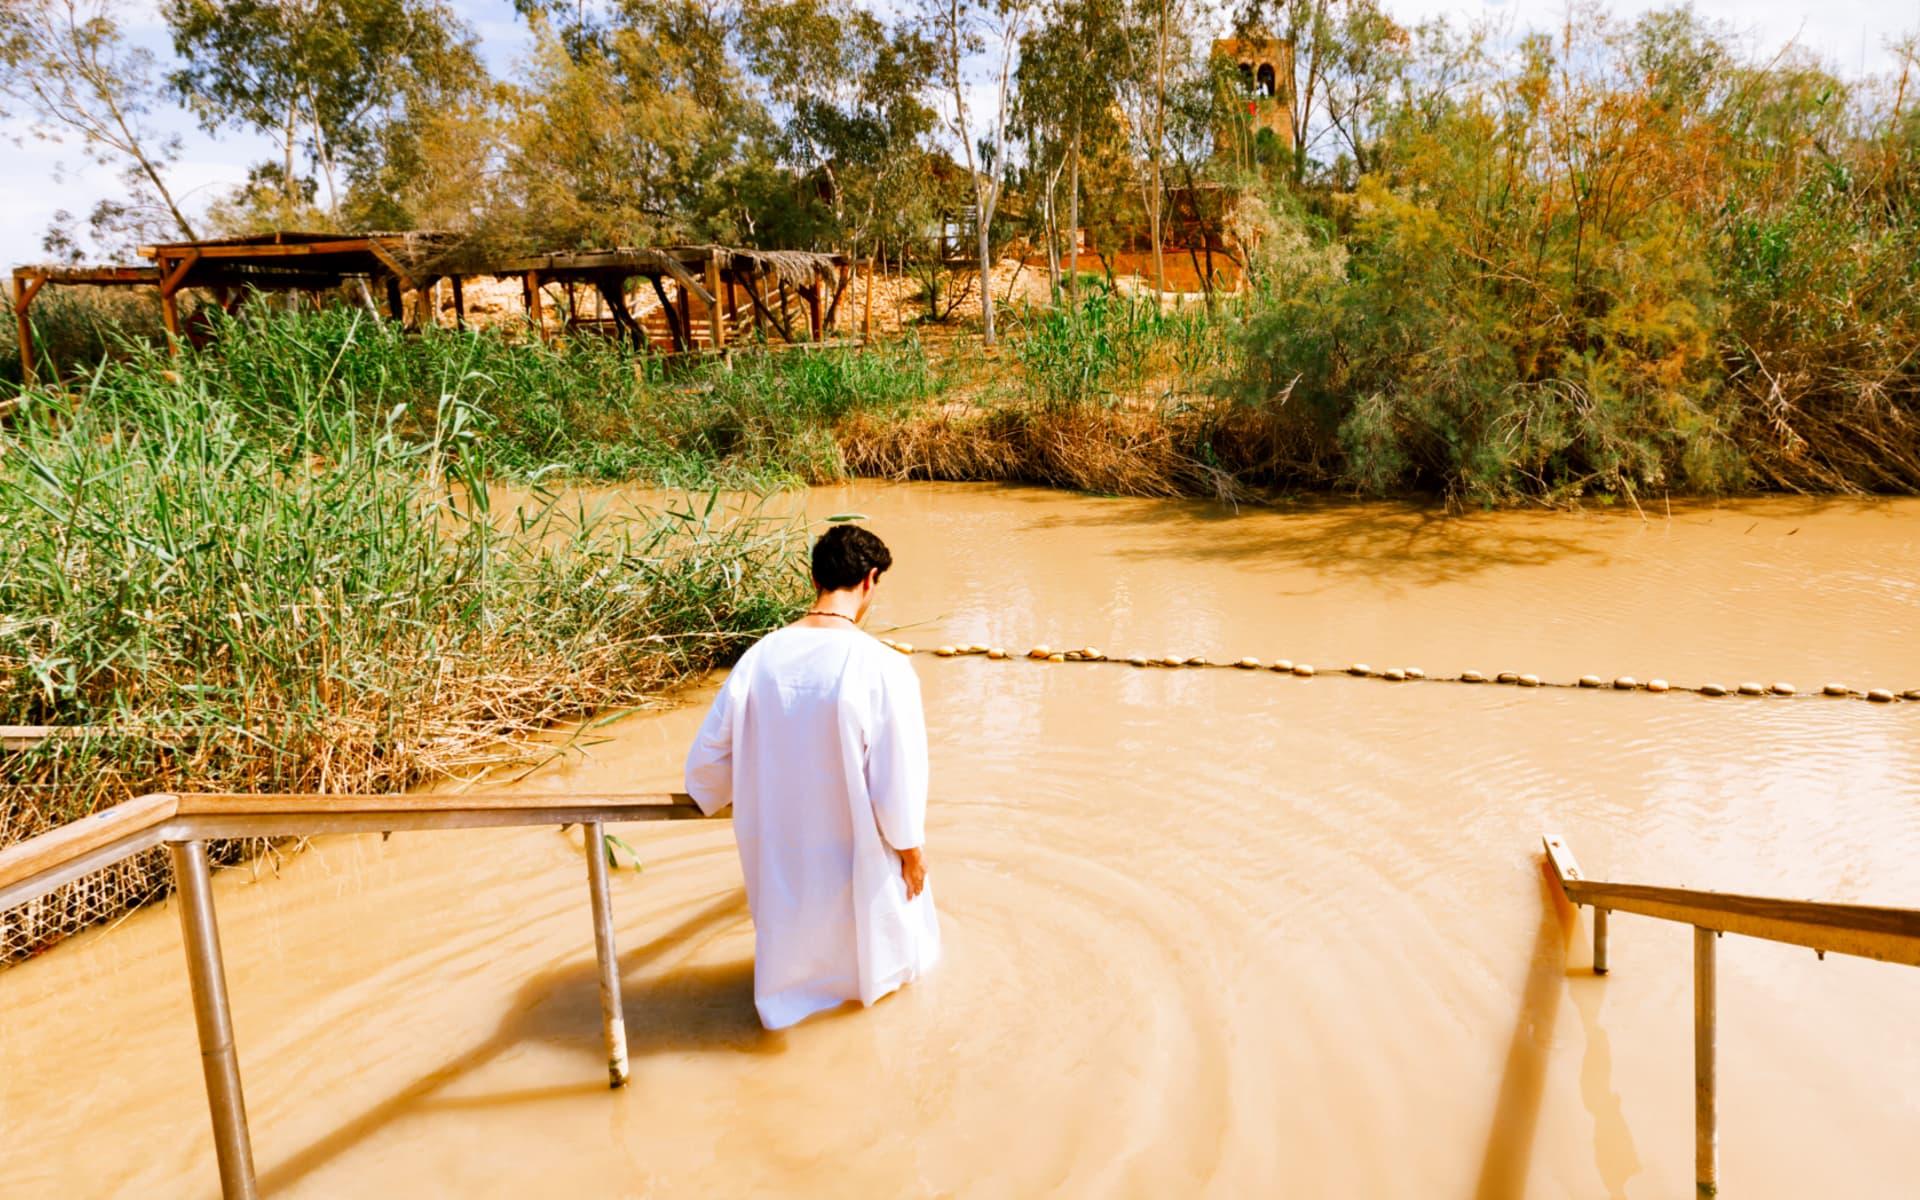 2. BAPTISM IN JESUS NAME